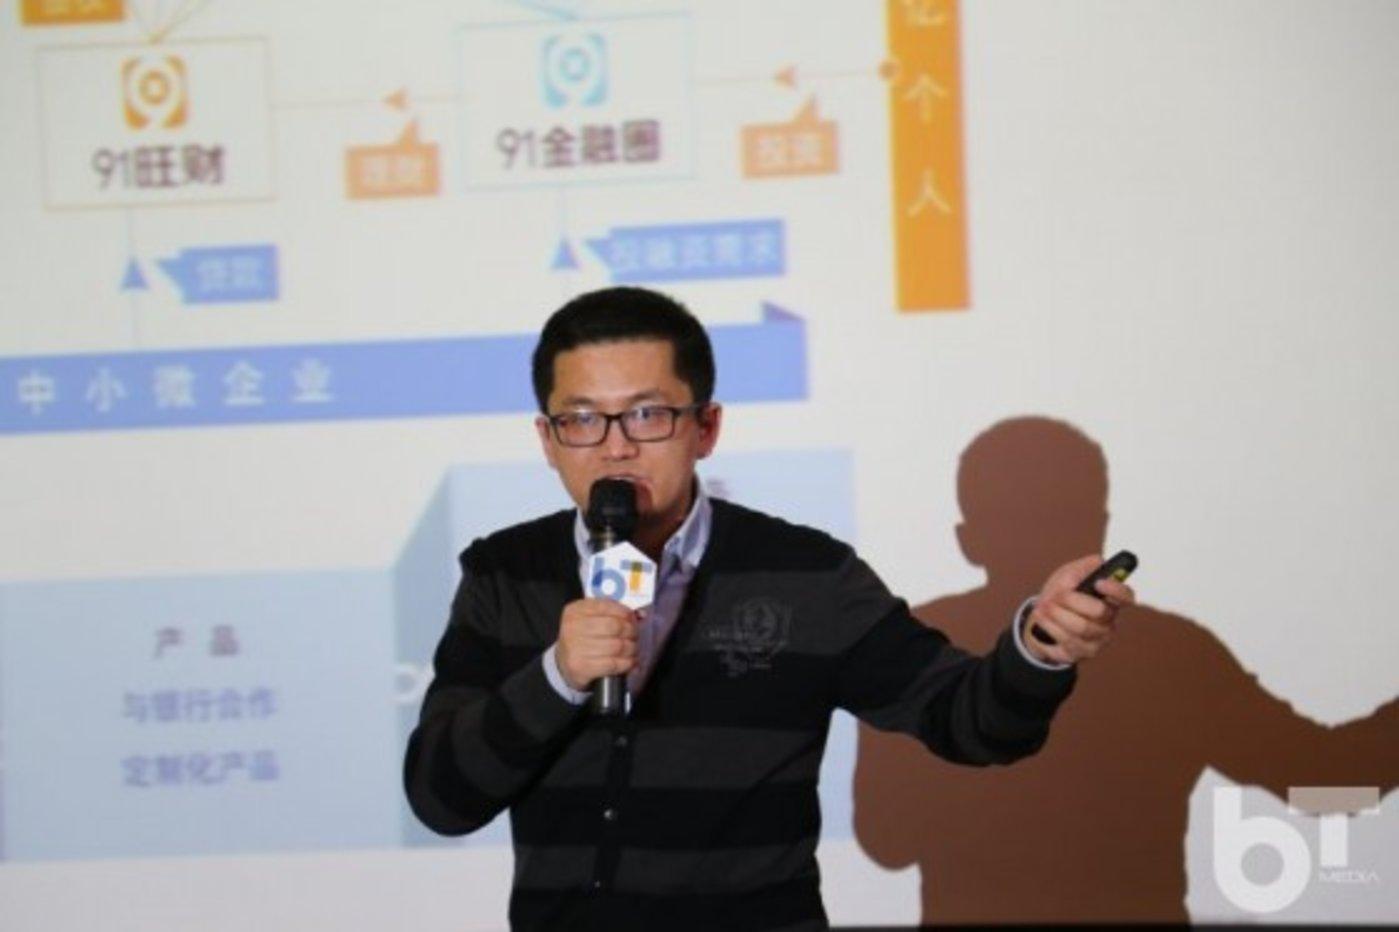 91金融联合创始人 吴文雄